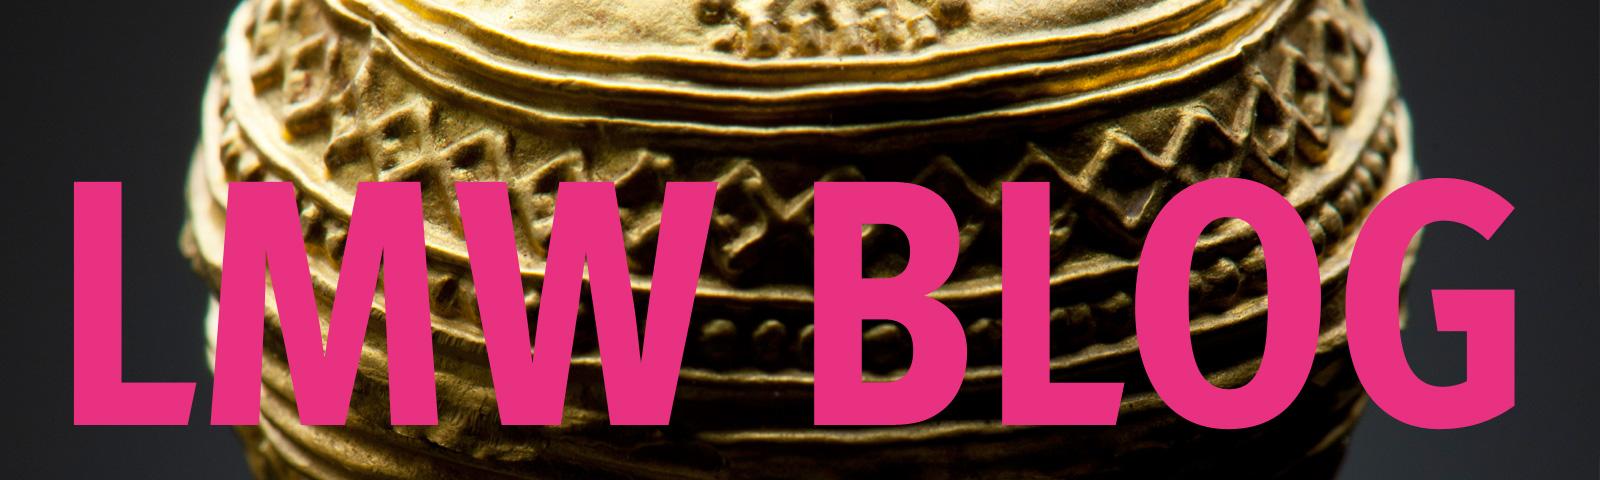 LMW-Blog